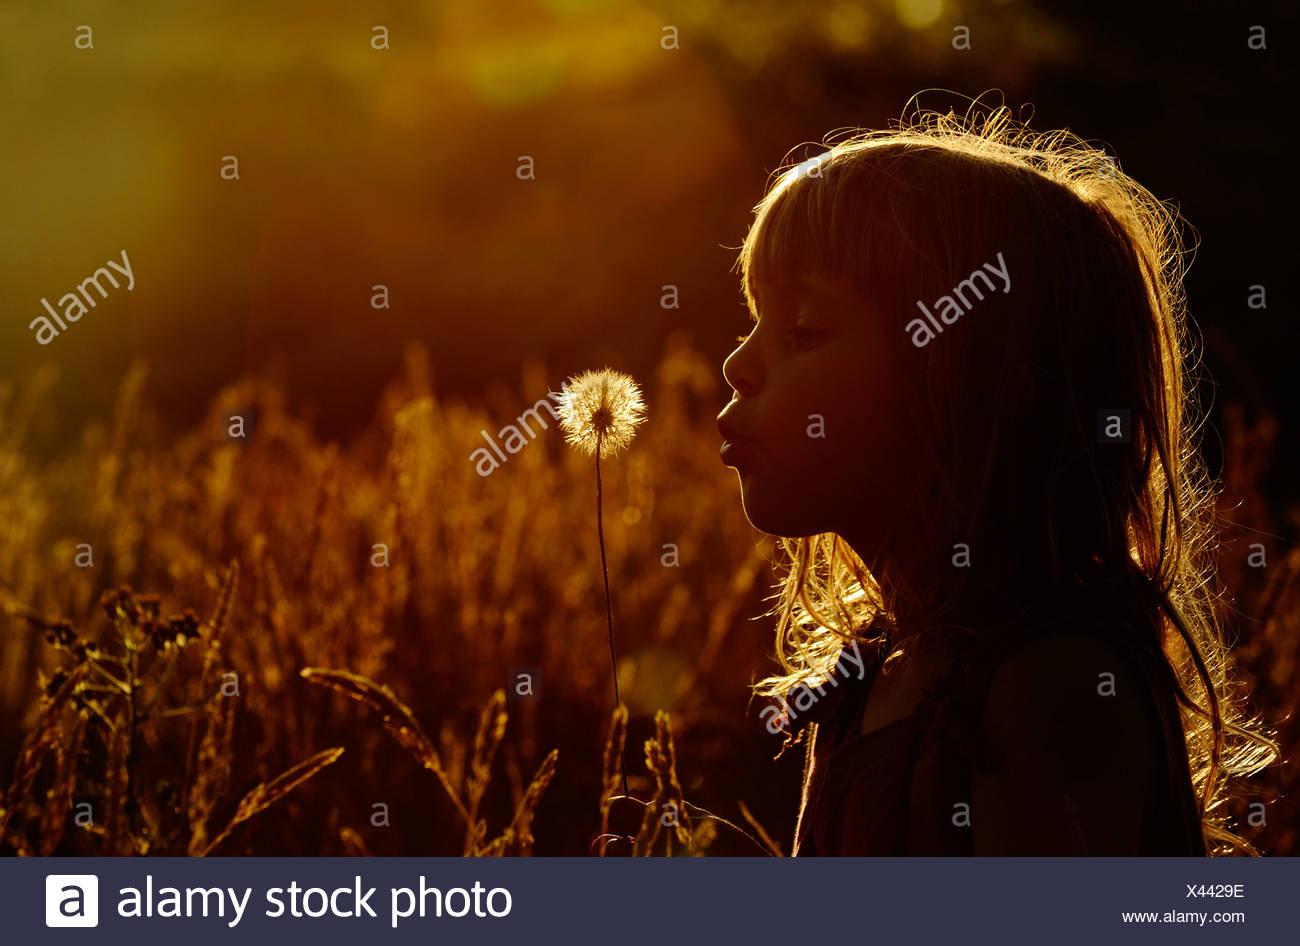 Jeune fille jouant dans le pré à la fin de l'été - Parution du modèle de Norfolk Photo Stock